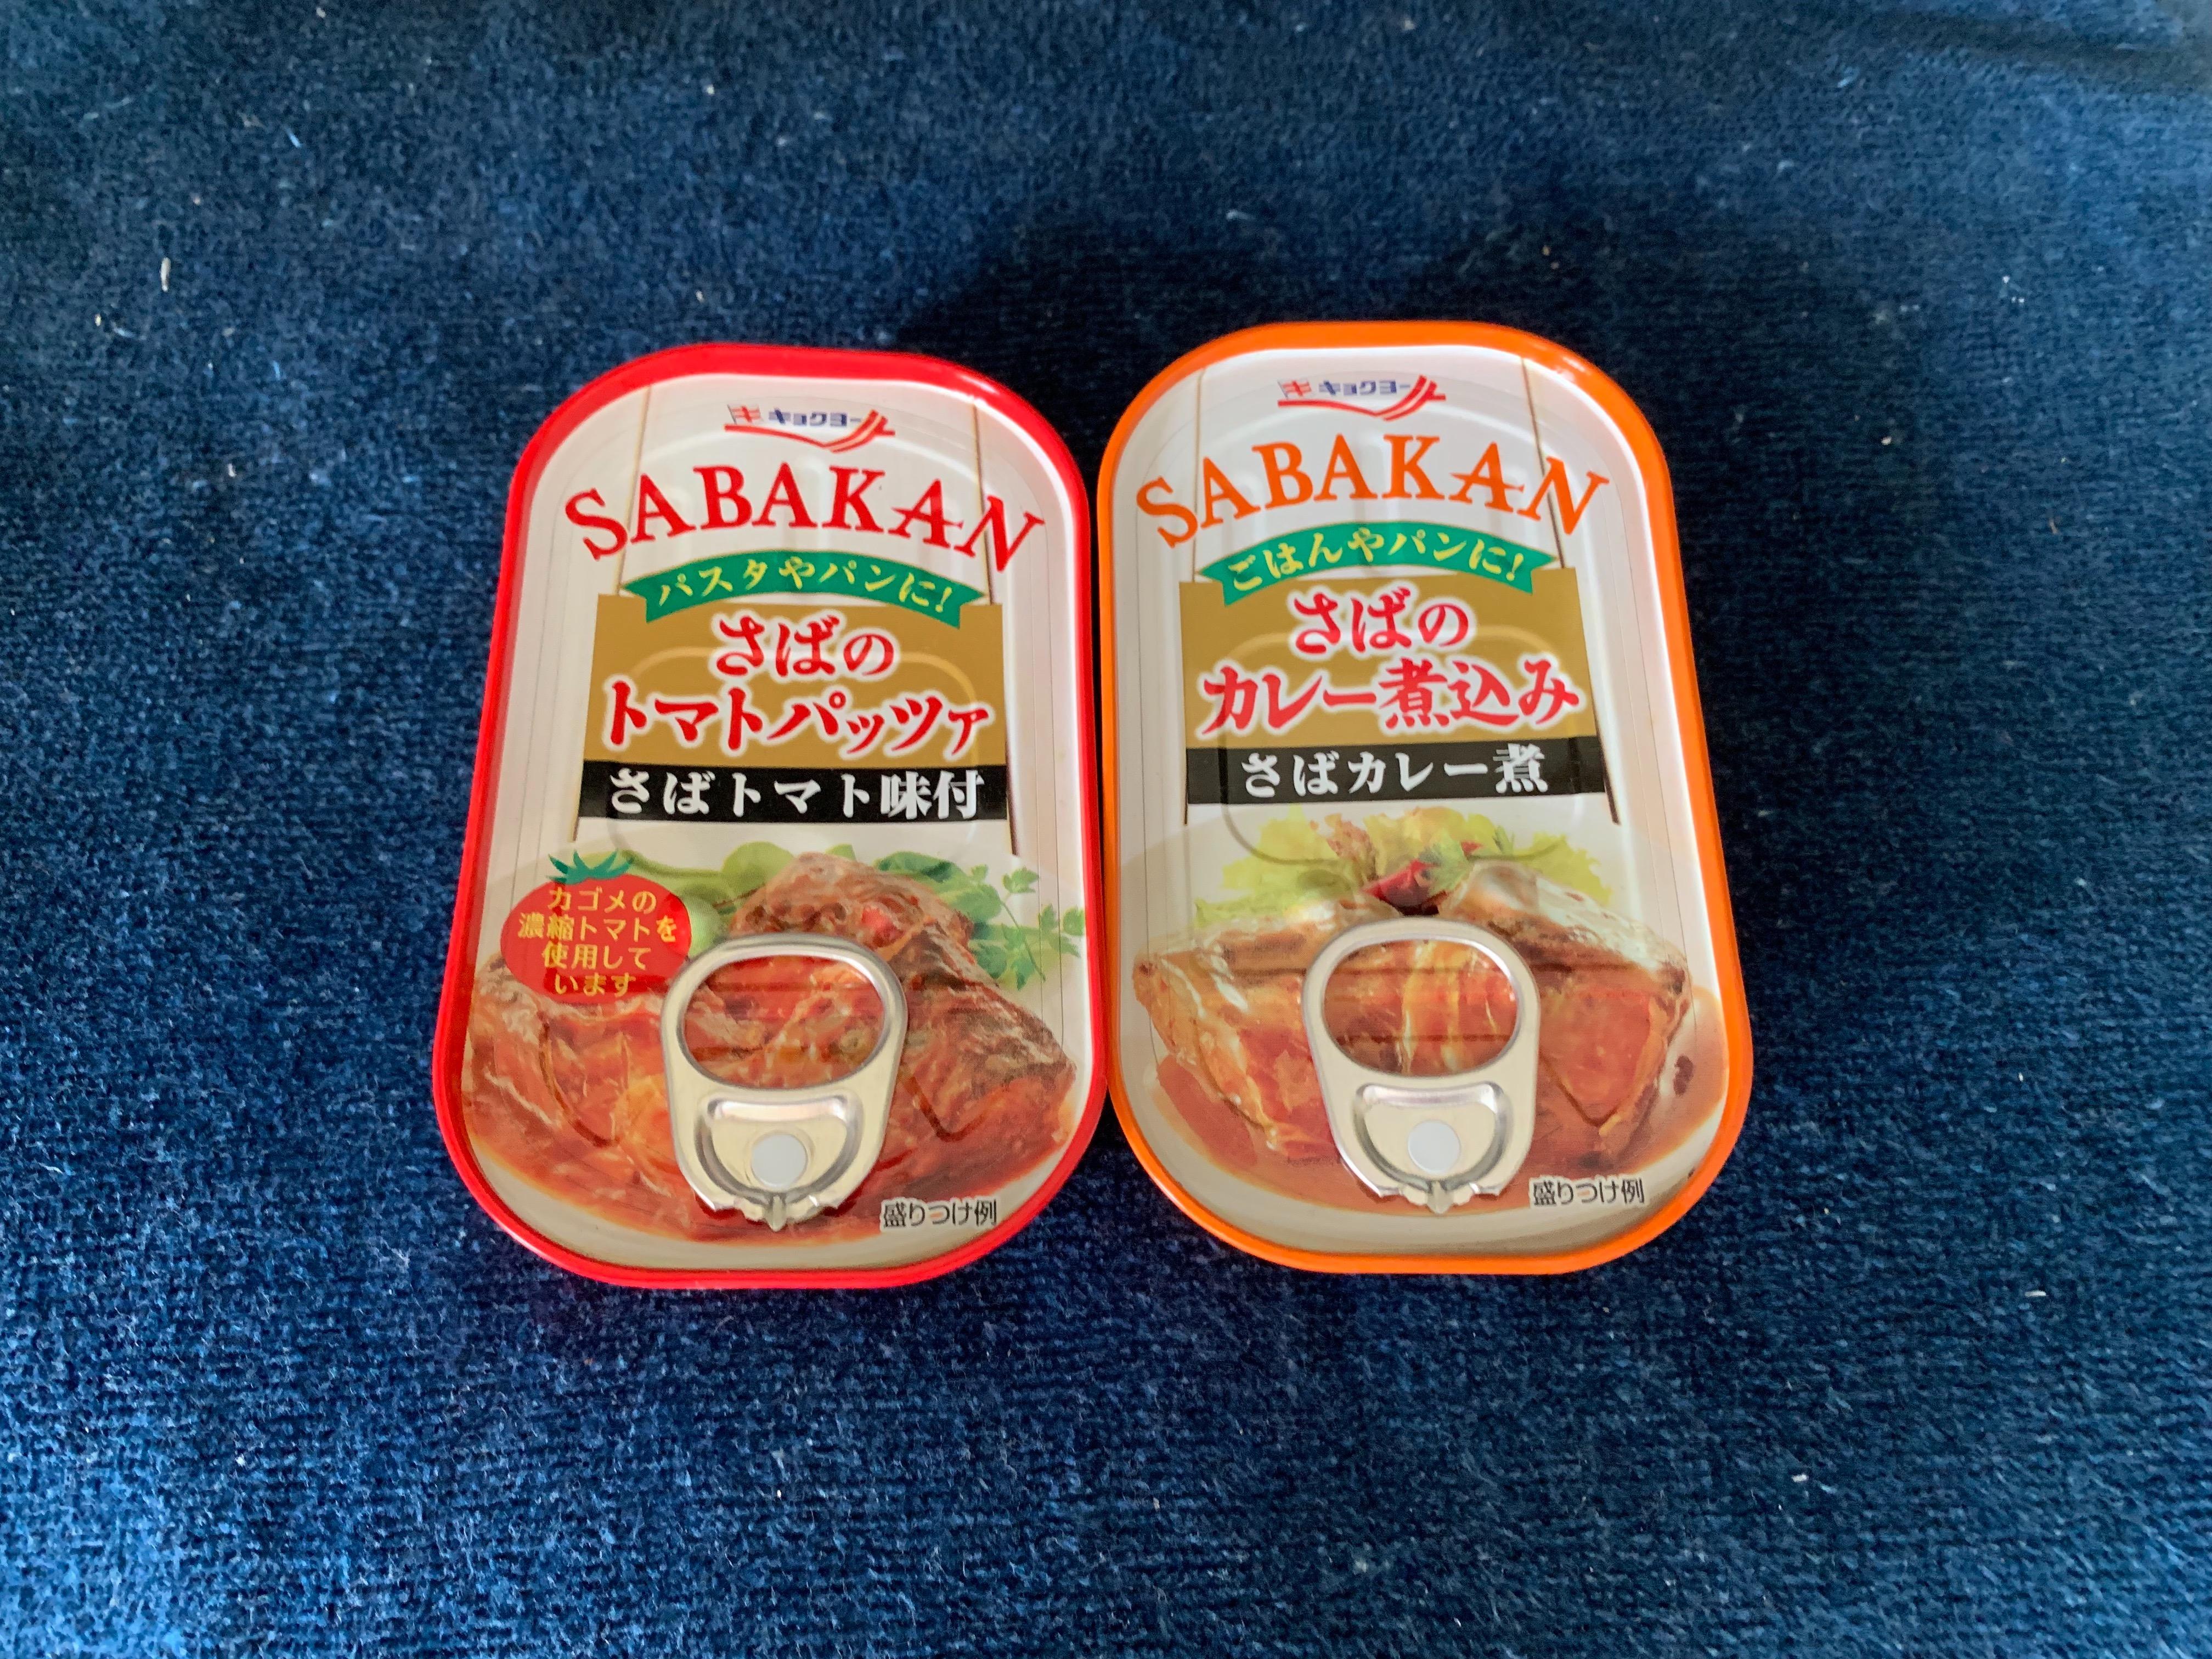 キョクヨー 極洋 SABAKAN さばのカレー煮込み さばのトマトパッツァ